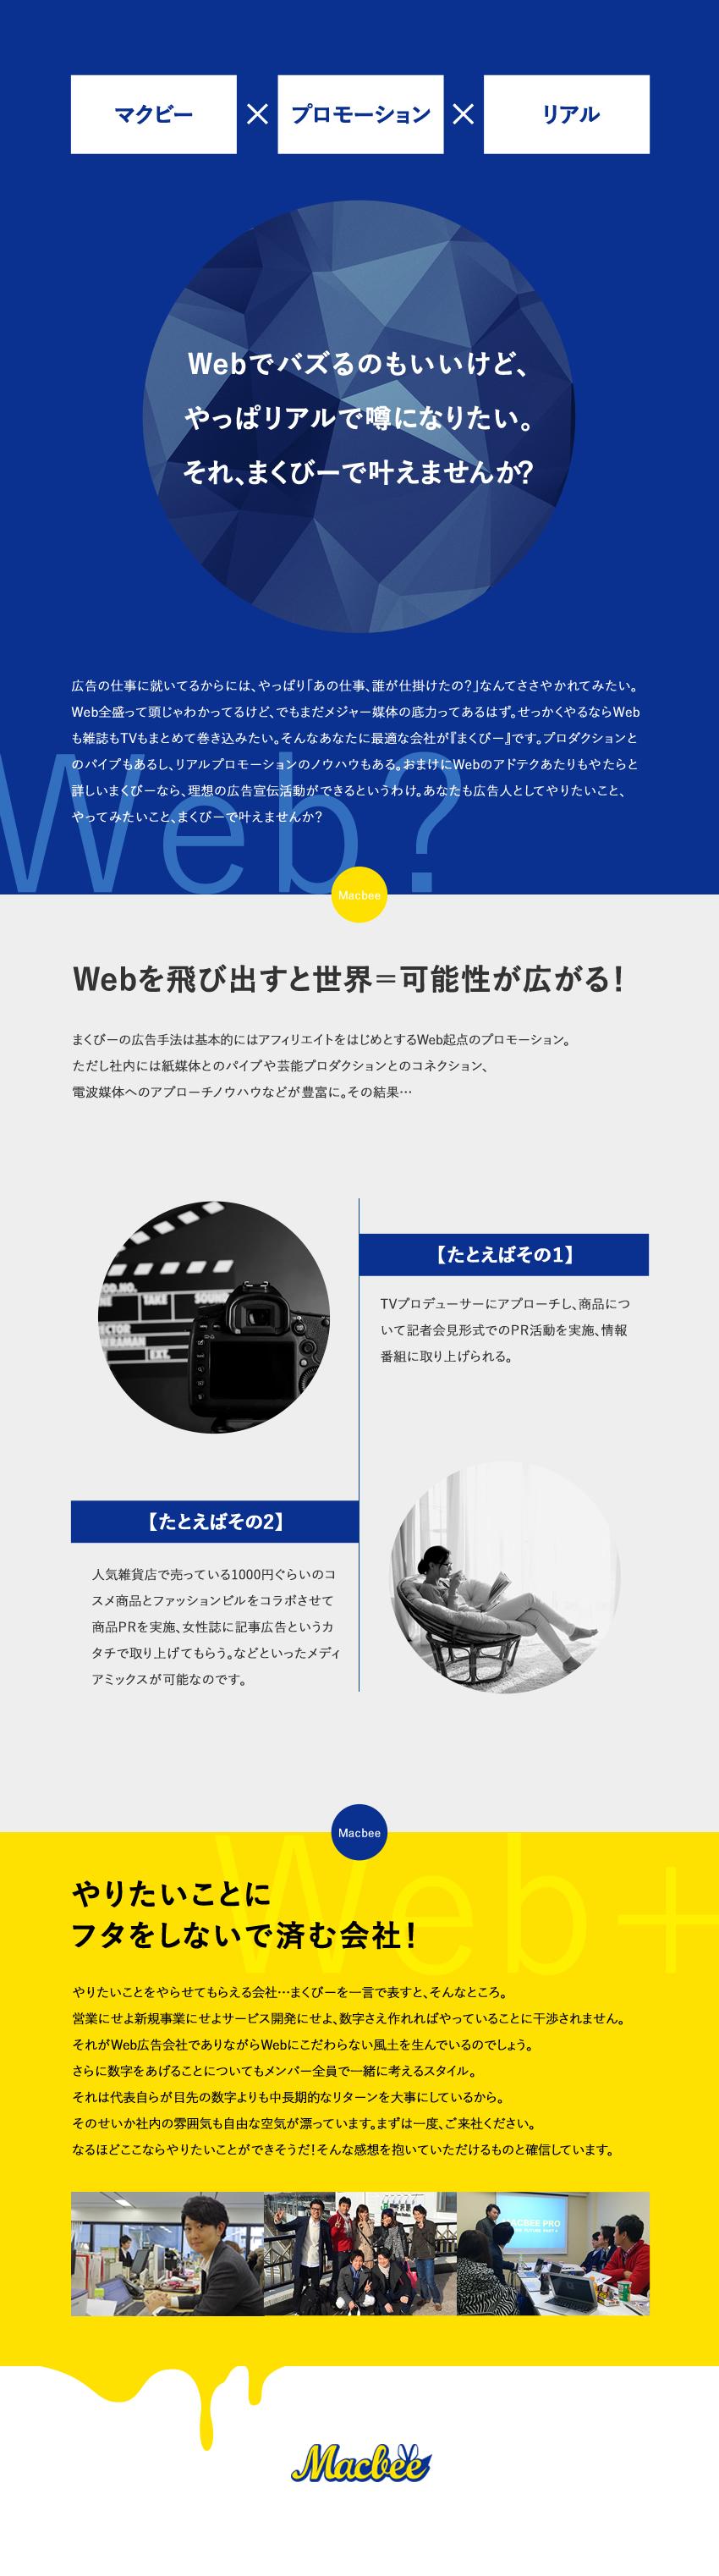 sf_hontai_01